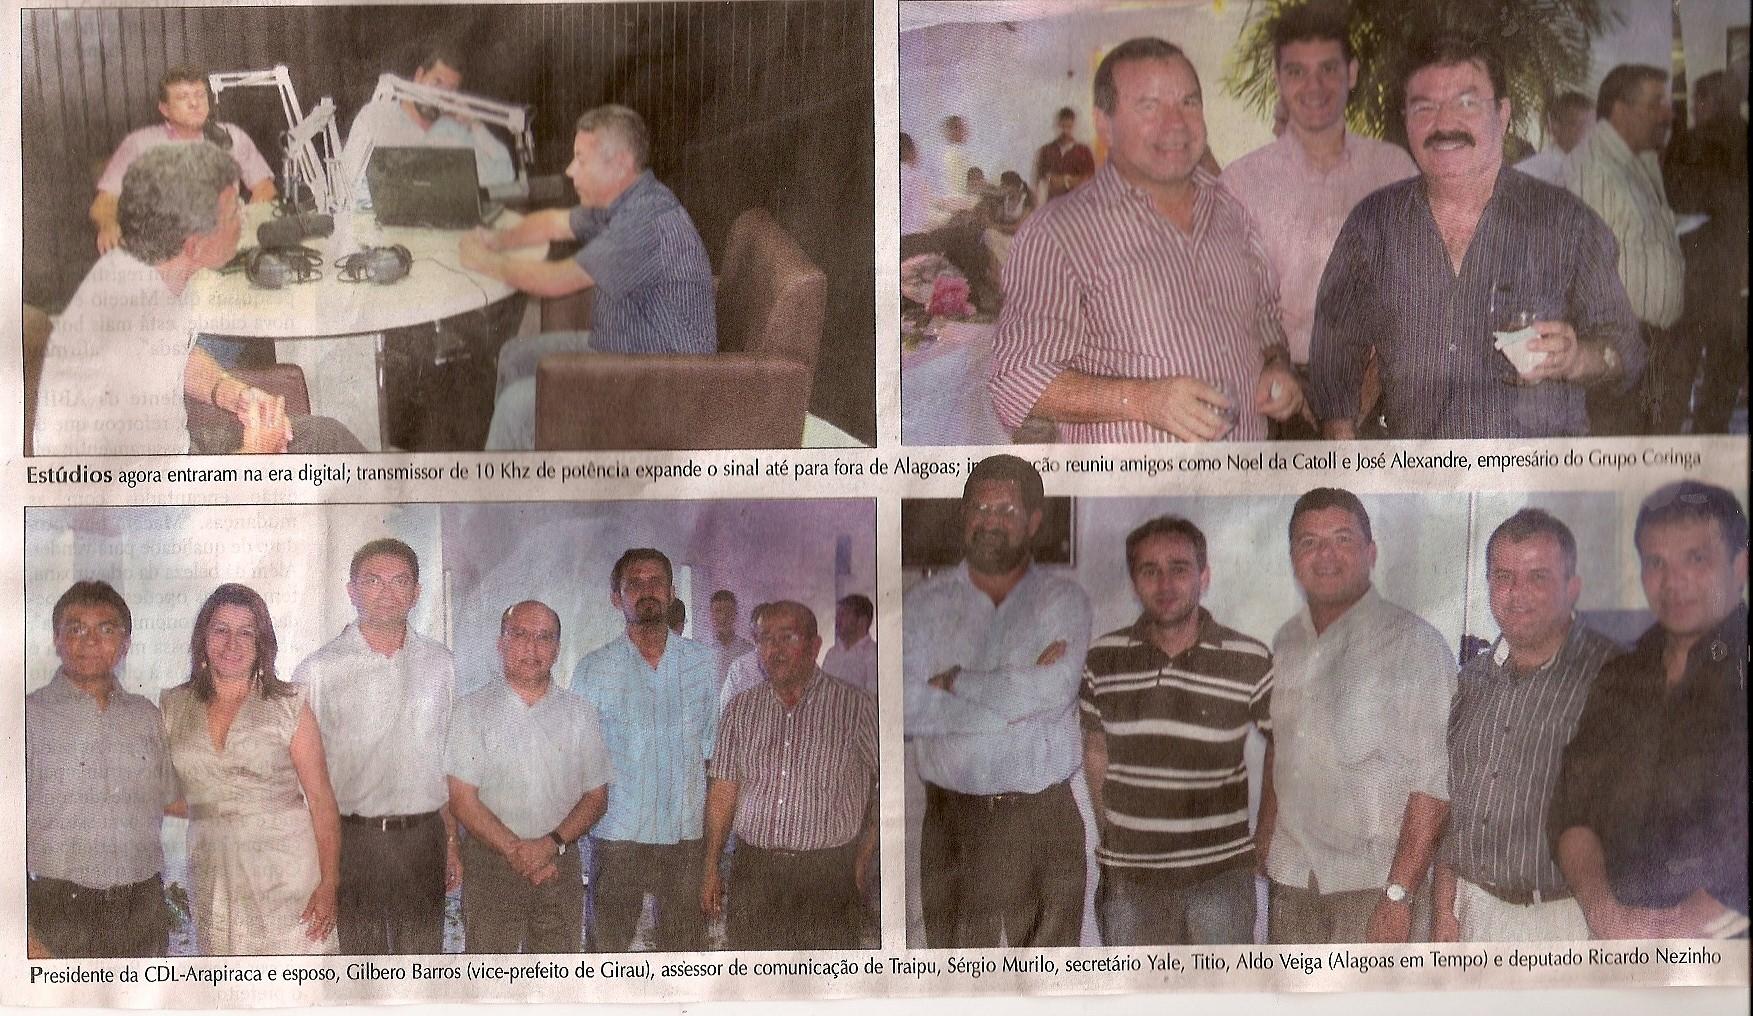 alagoas_em_tempo_14_04_2010_3